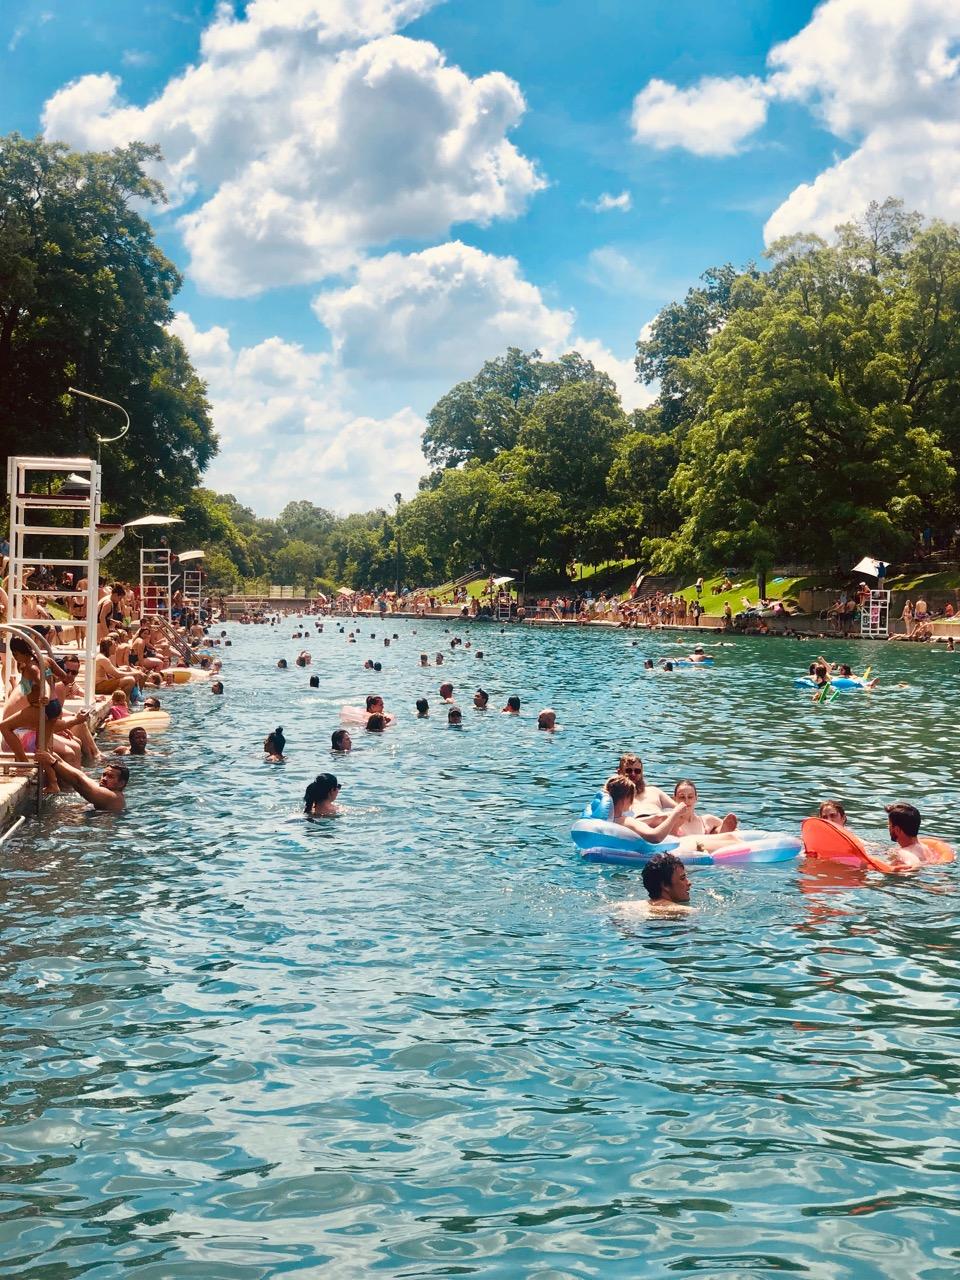 Baron Springs Pool